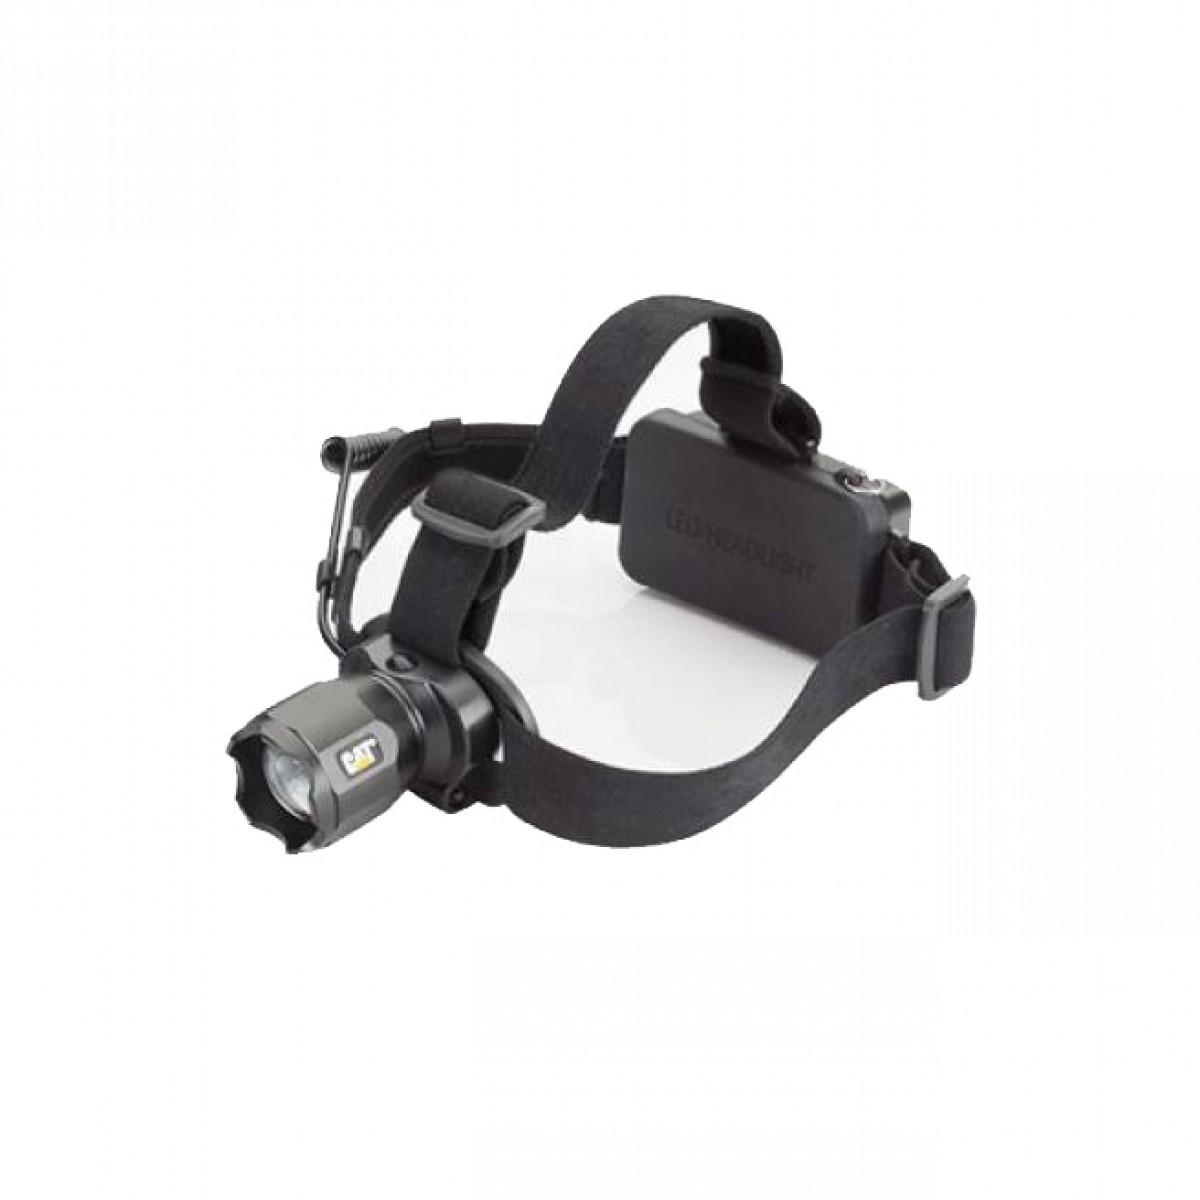 Φακός κεφαλής επαναφορτιζόμενος CREE LED 380 Lumens CT4205 CAT Lights